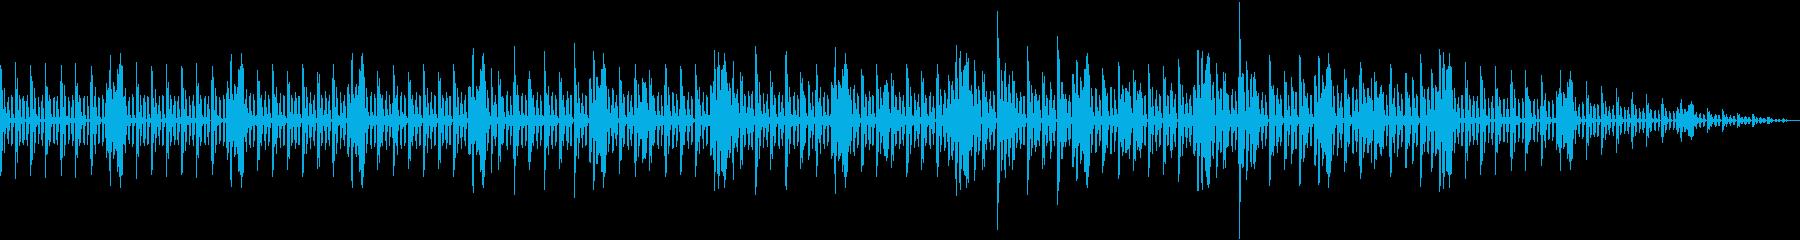 やさしい機械仕掛けの目覚ましアラームの再生済みの波形